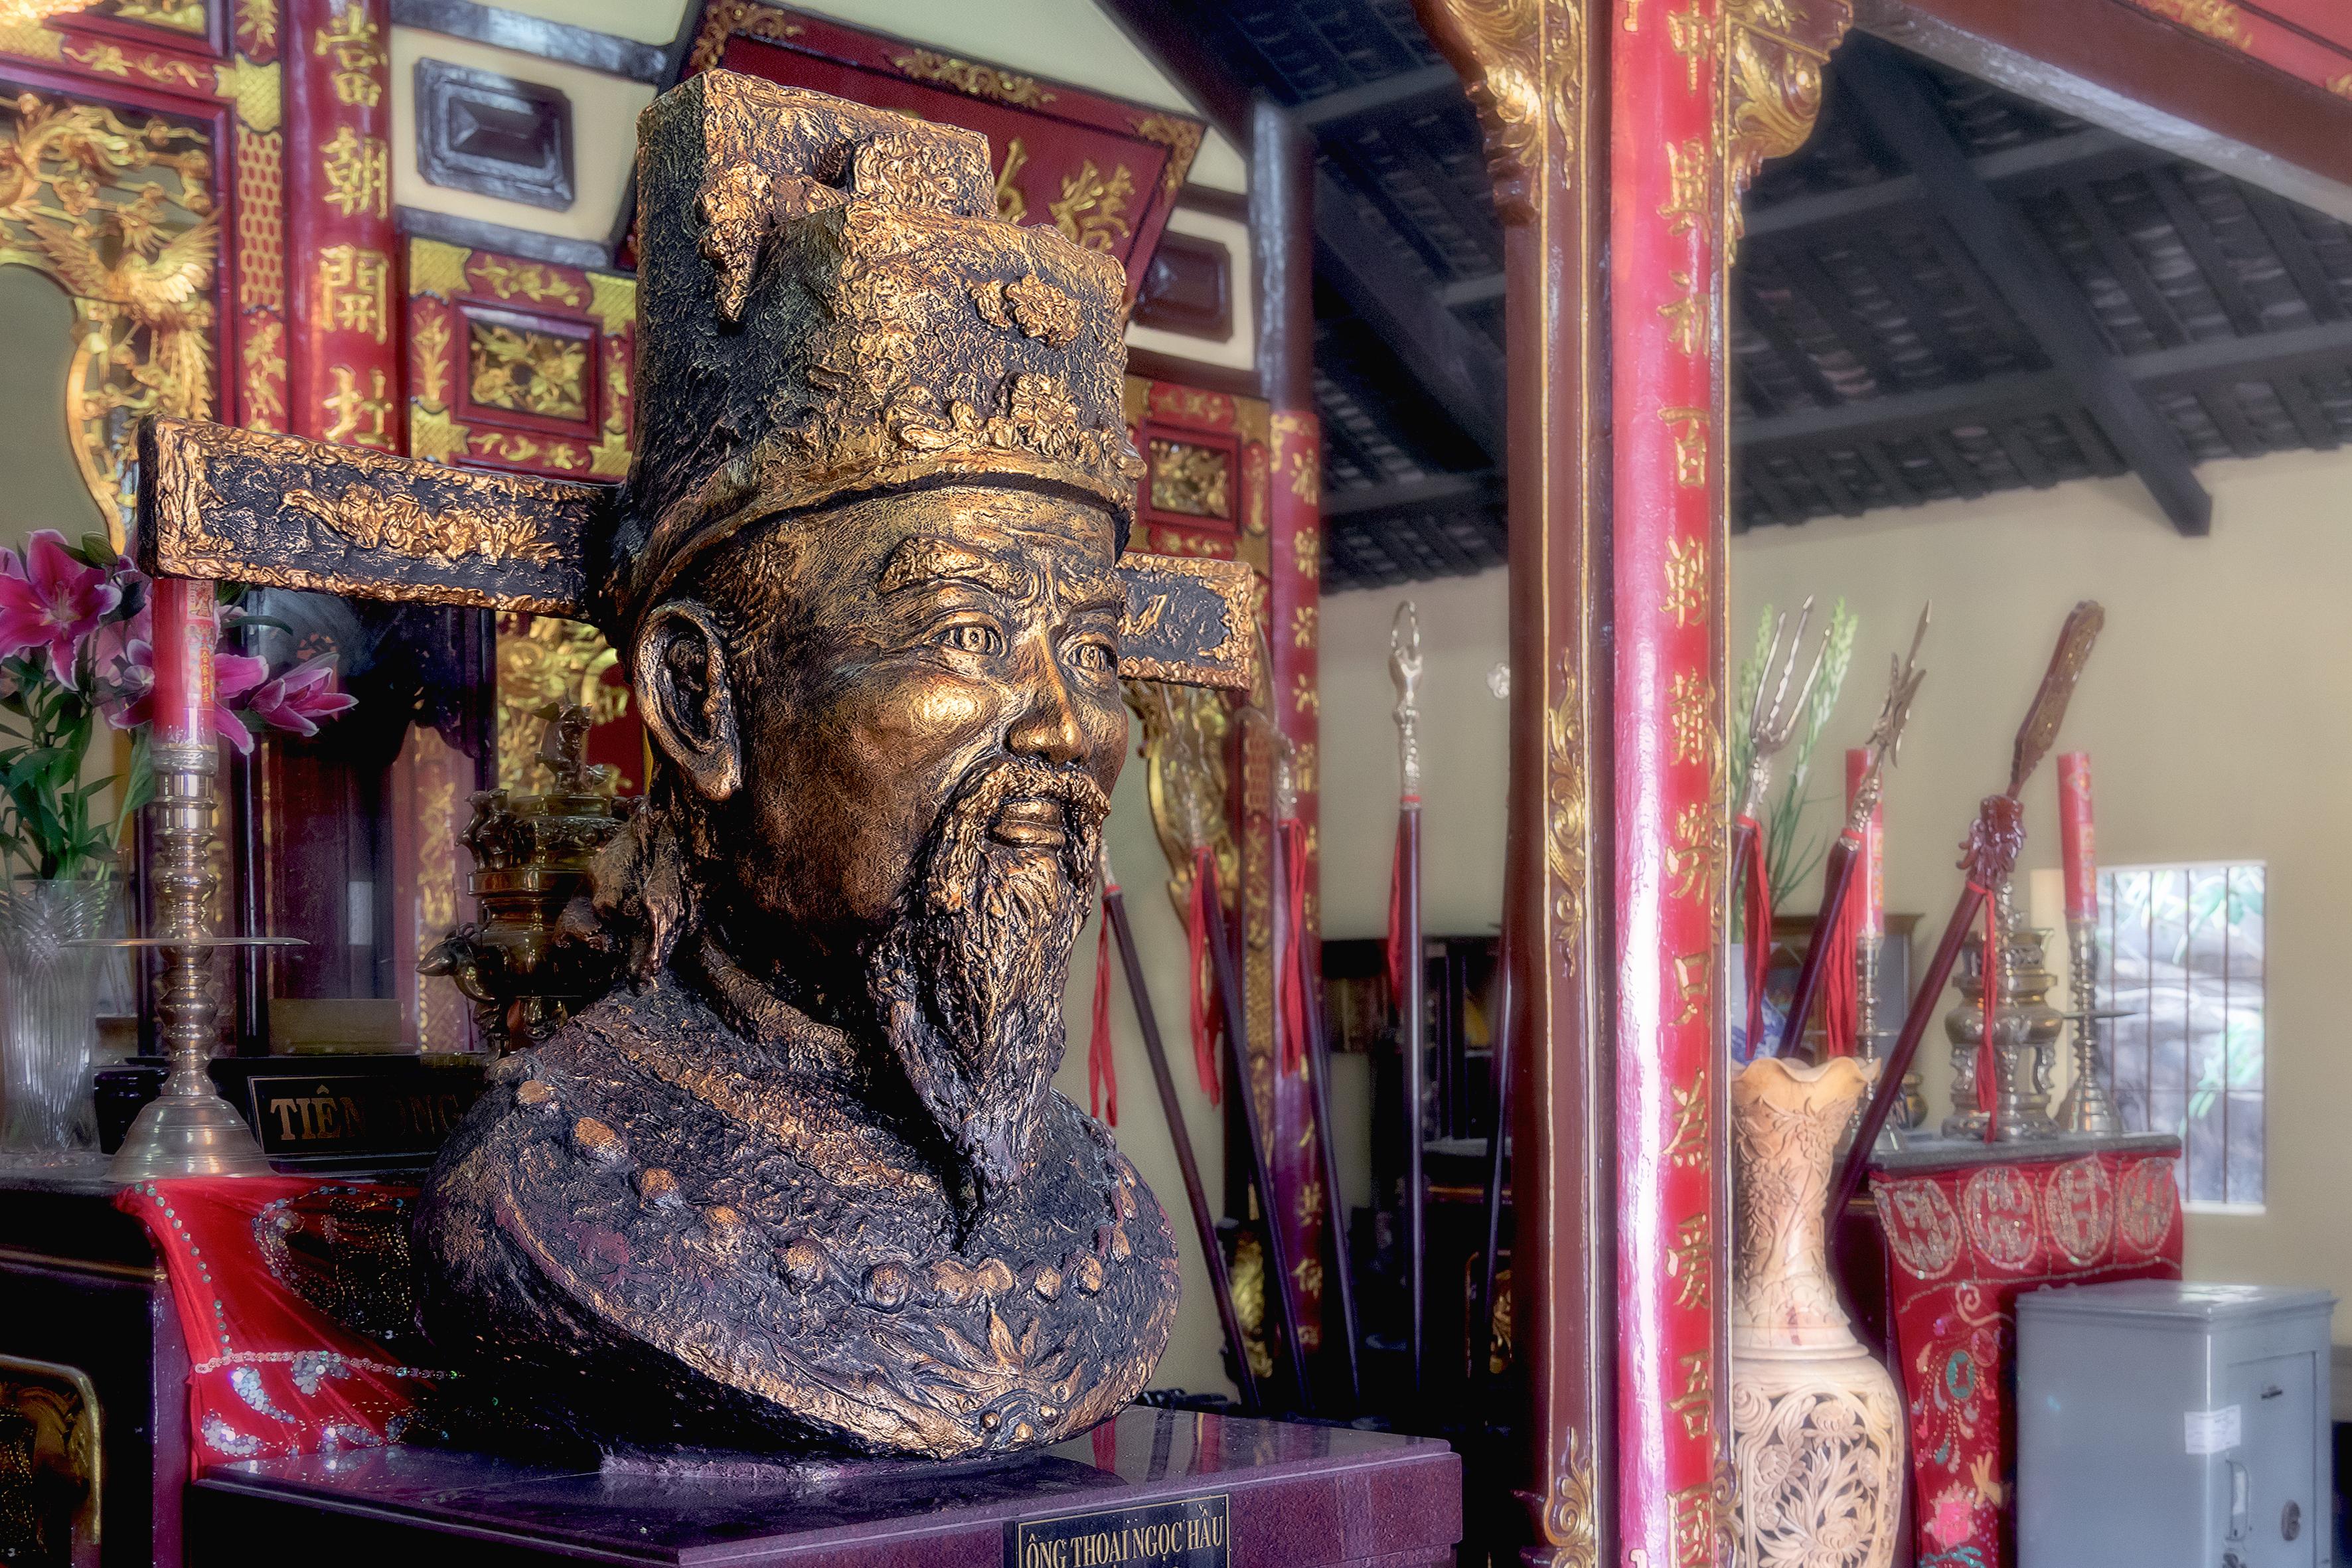 Thoại Ngọc hầu – Wikipedia tiếng Việt